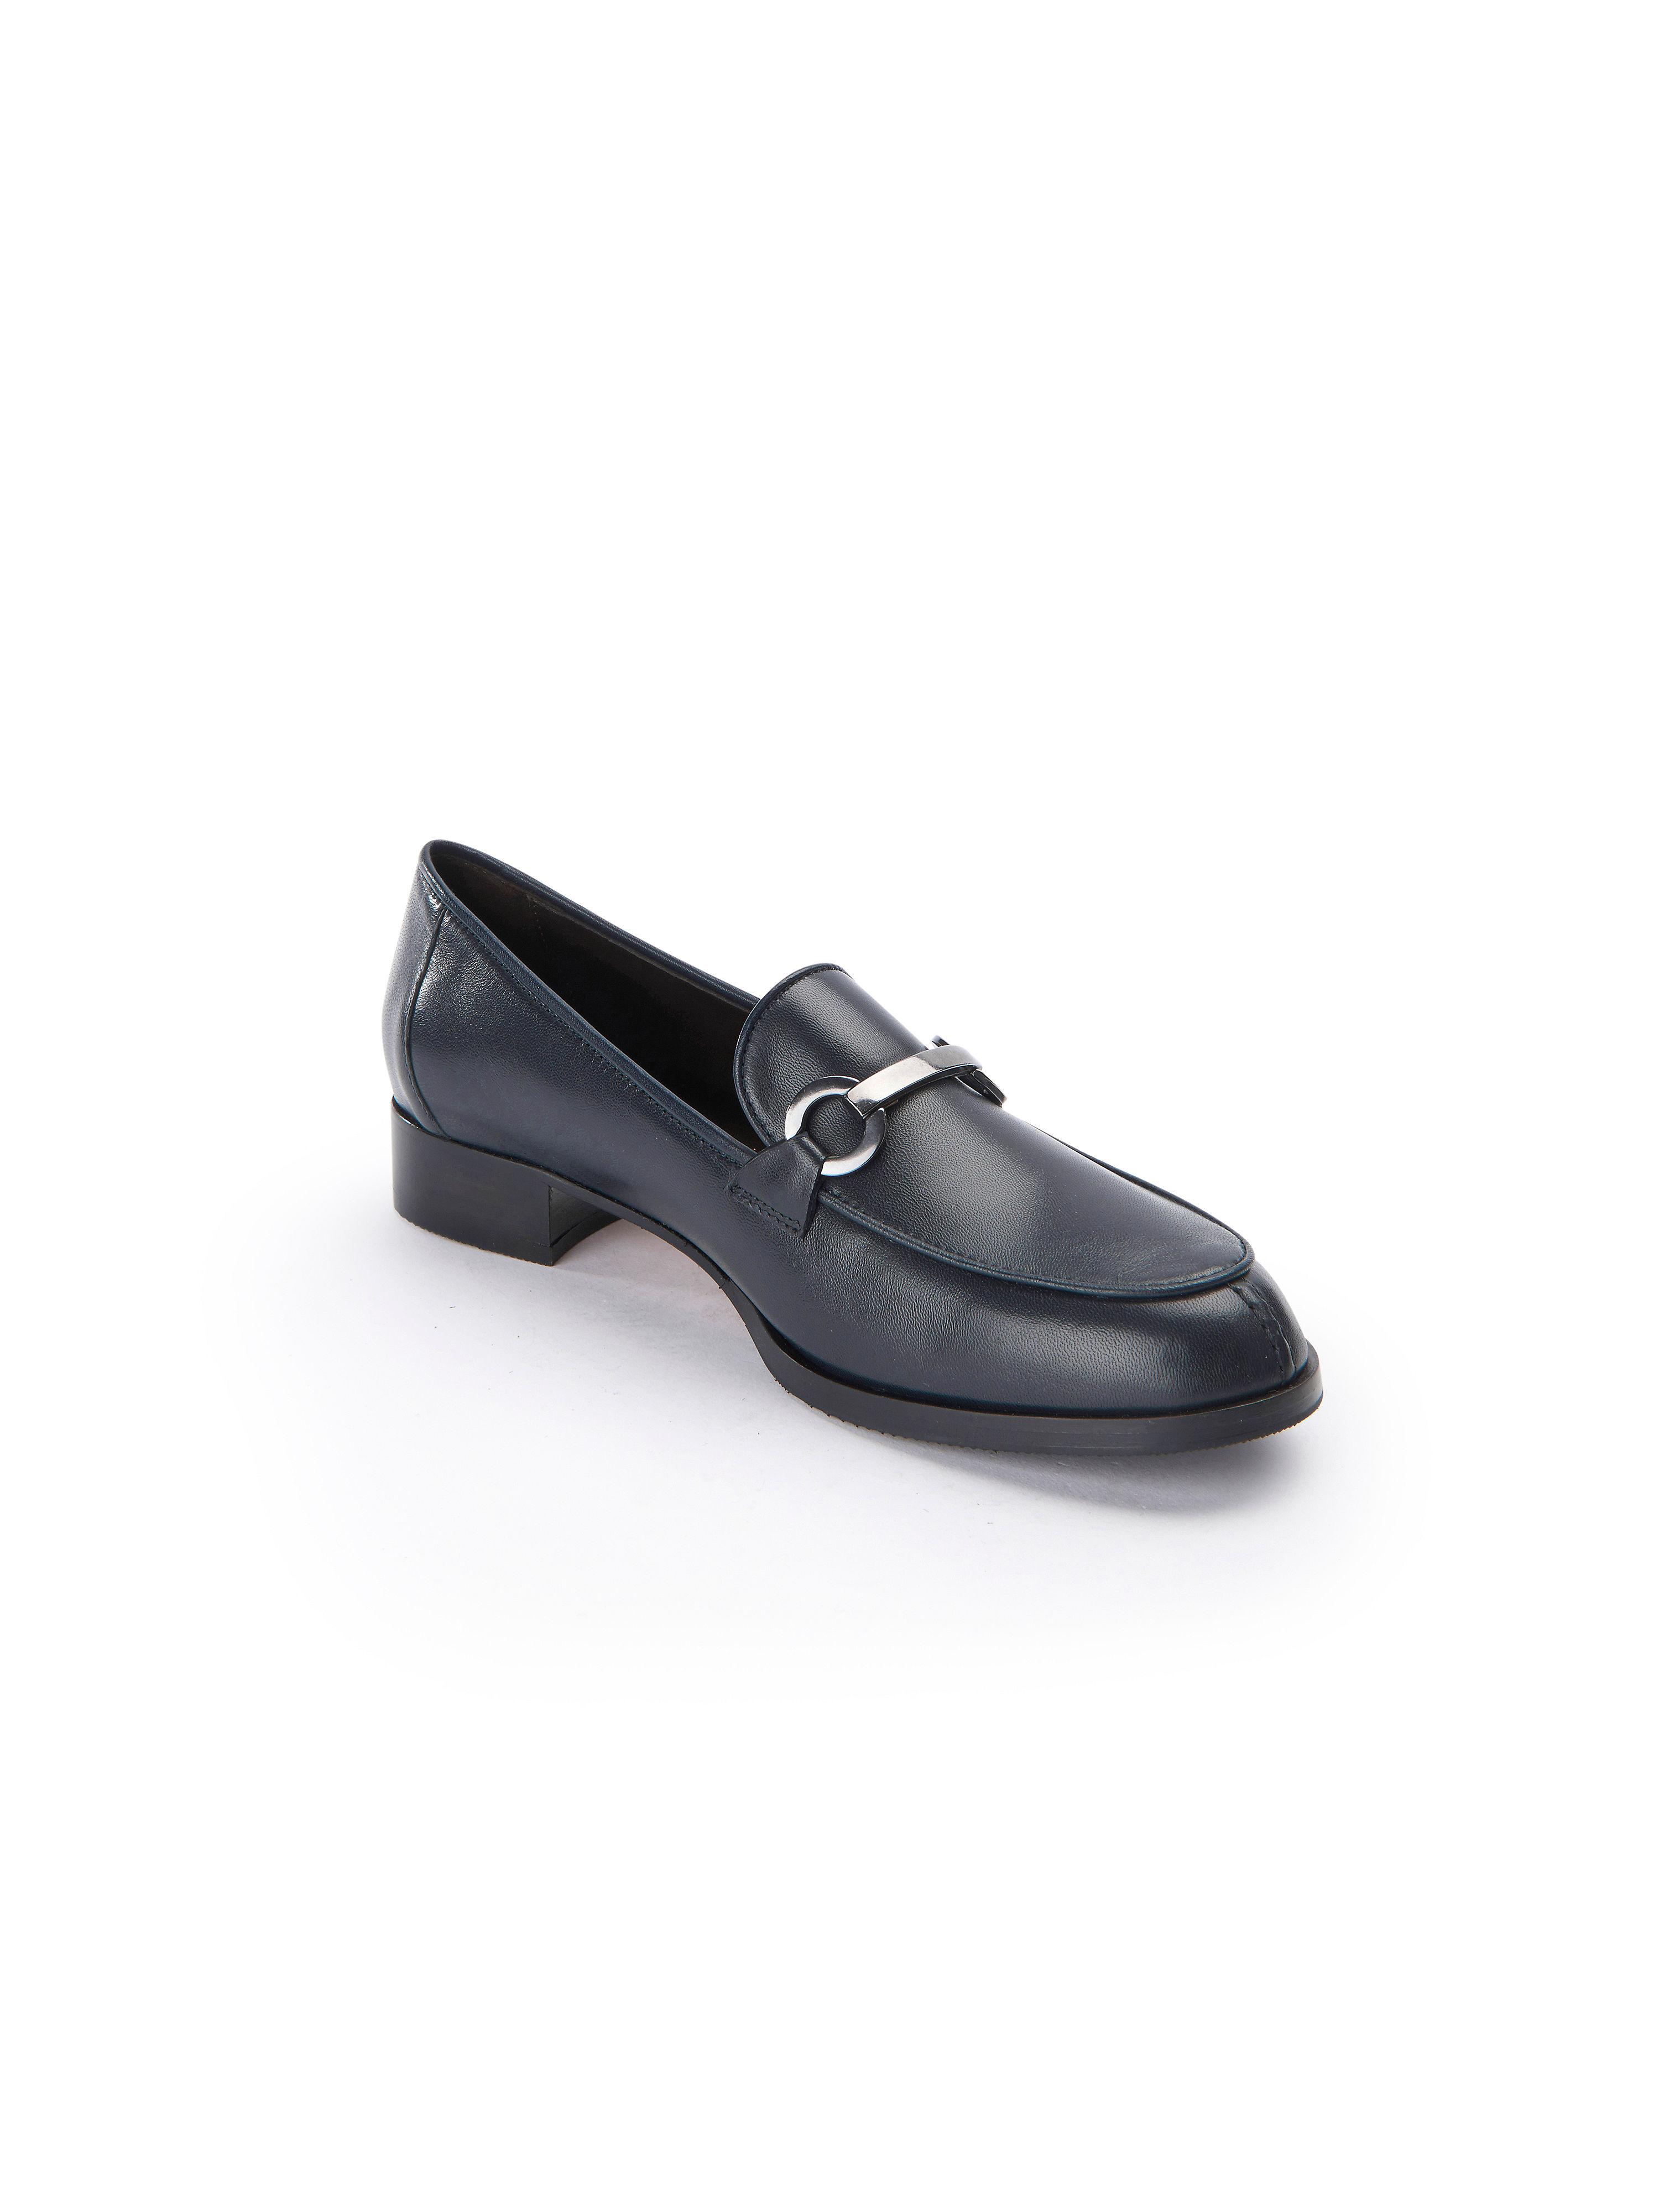 Peter Hahn exquisit - beliebte Slipper - Marine Gute Qualität beliebte - Schuhe c10de9